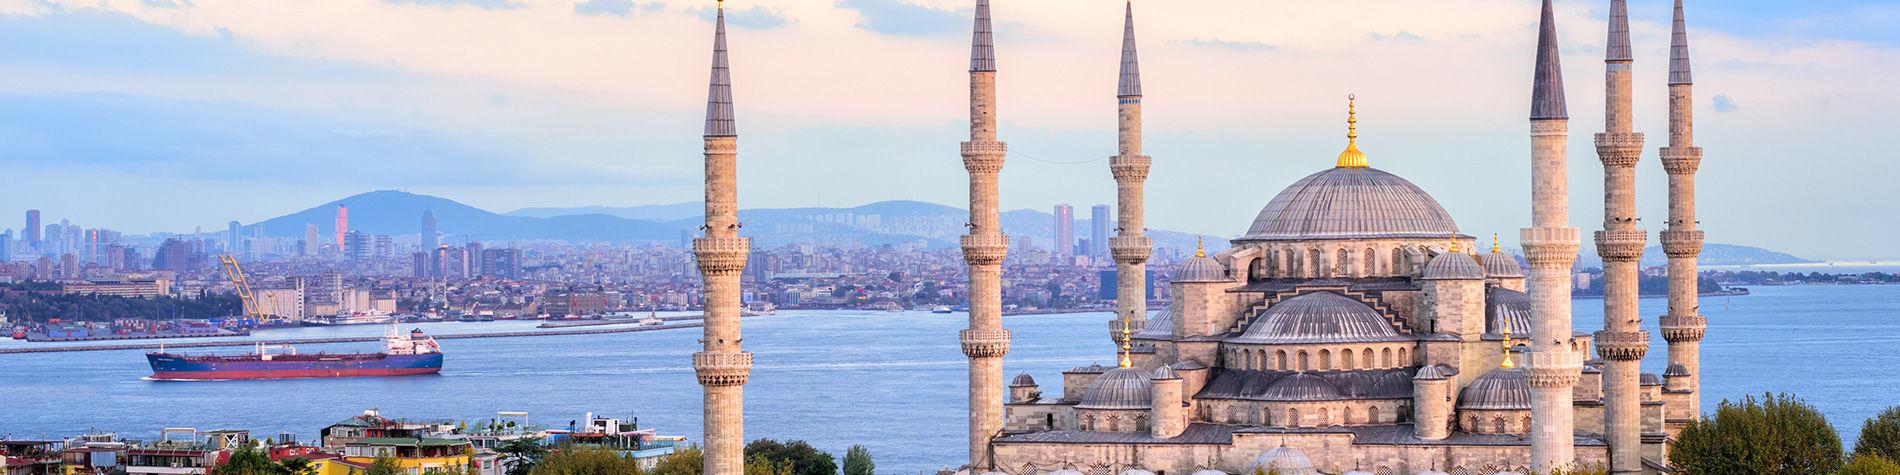 Cosa Comprare A Izmir turchia - tcs svizzero